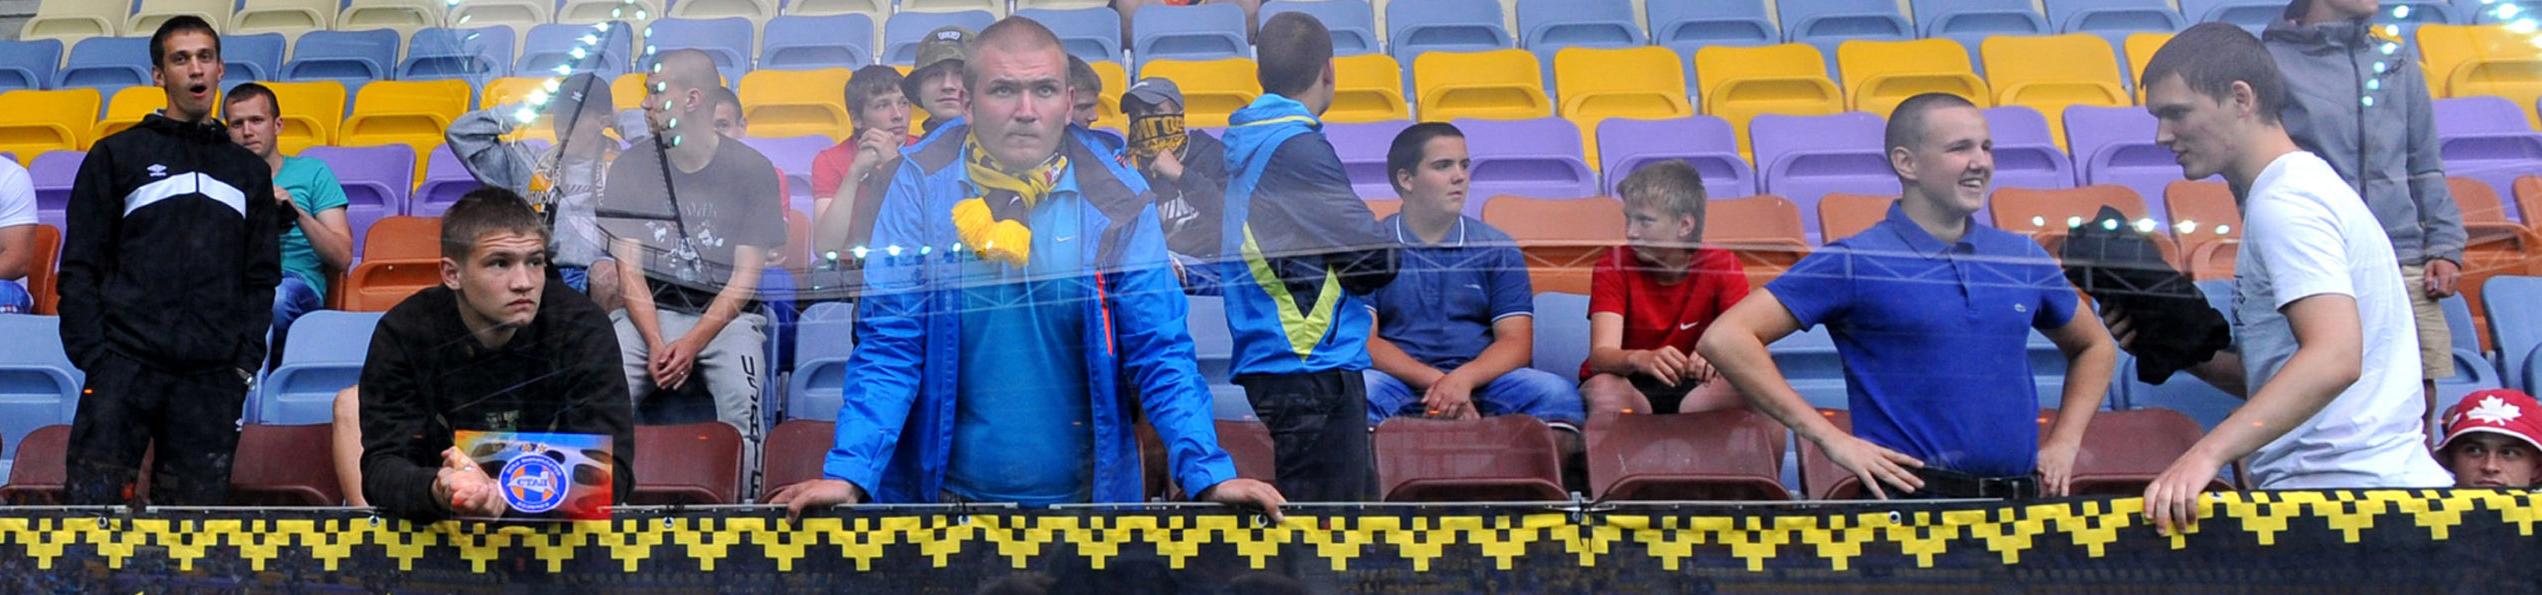 Dinamo Brest-Shakhtyor Soligorsk, i campioni cercano in casa i tre punti per riprendersi la vetta